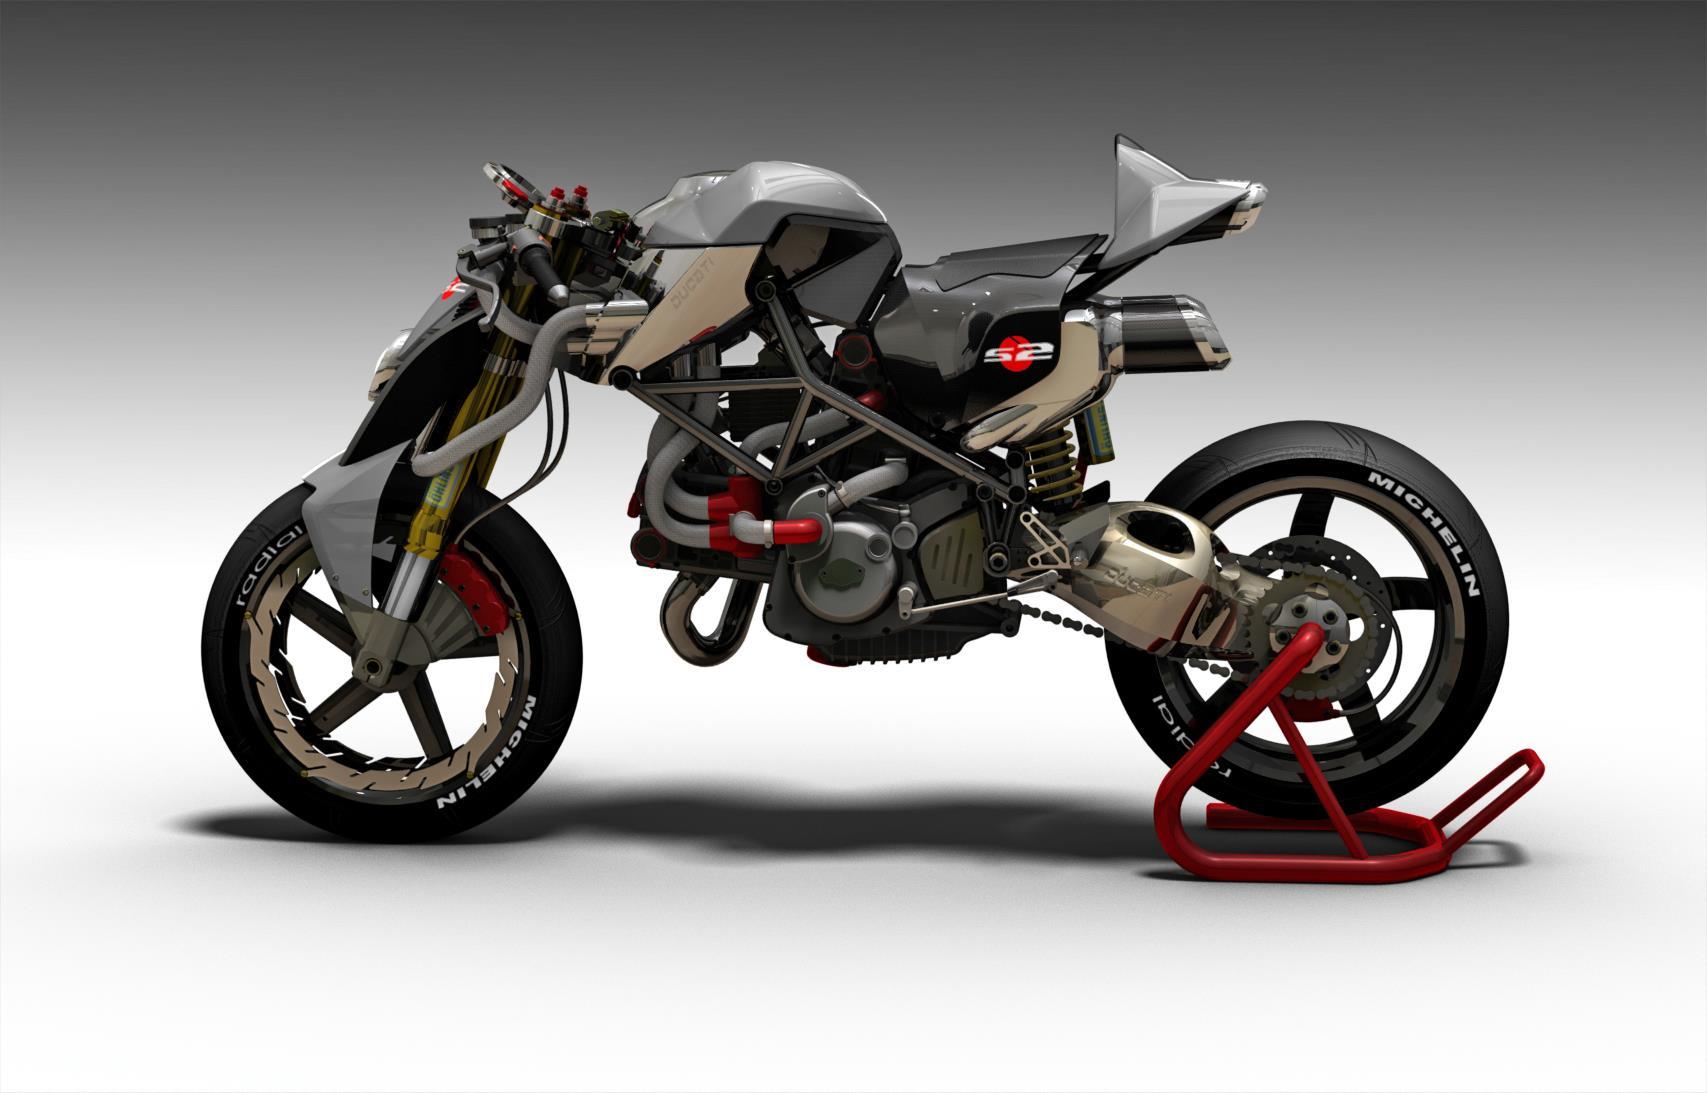 Ducati S2-ida Concept Fighter by Paolo Tesio - autoevolution